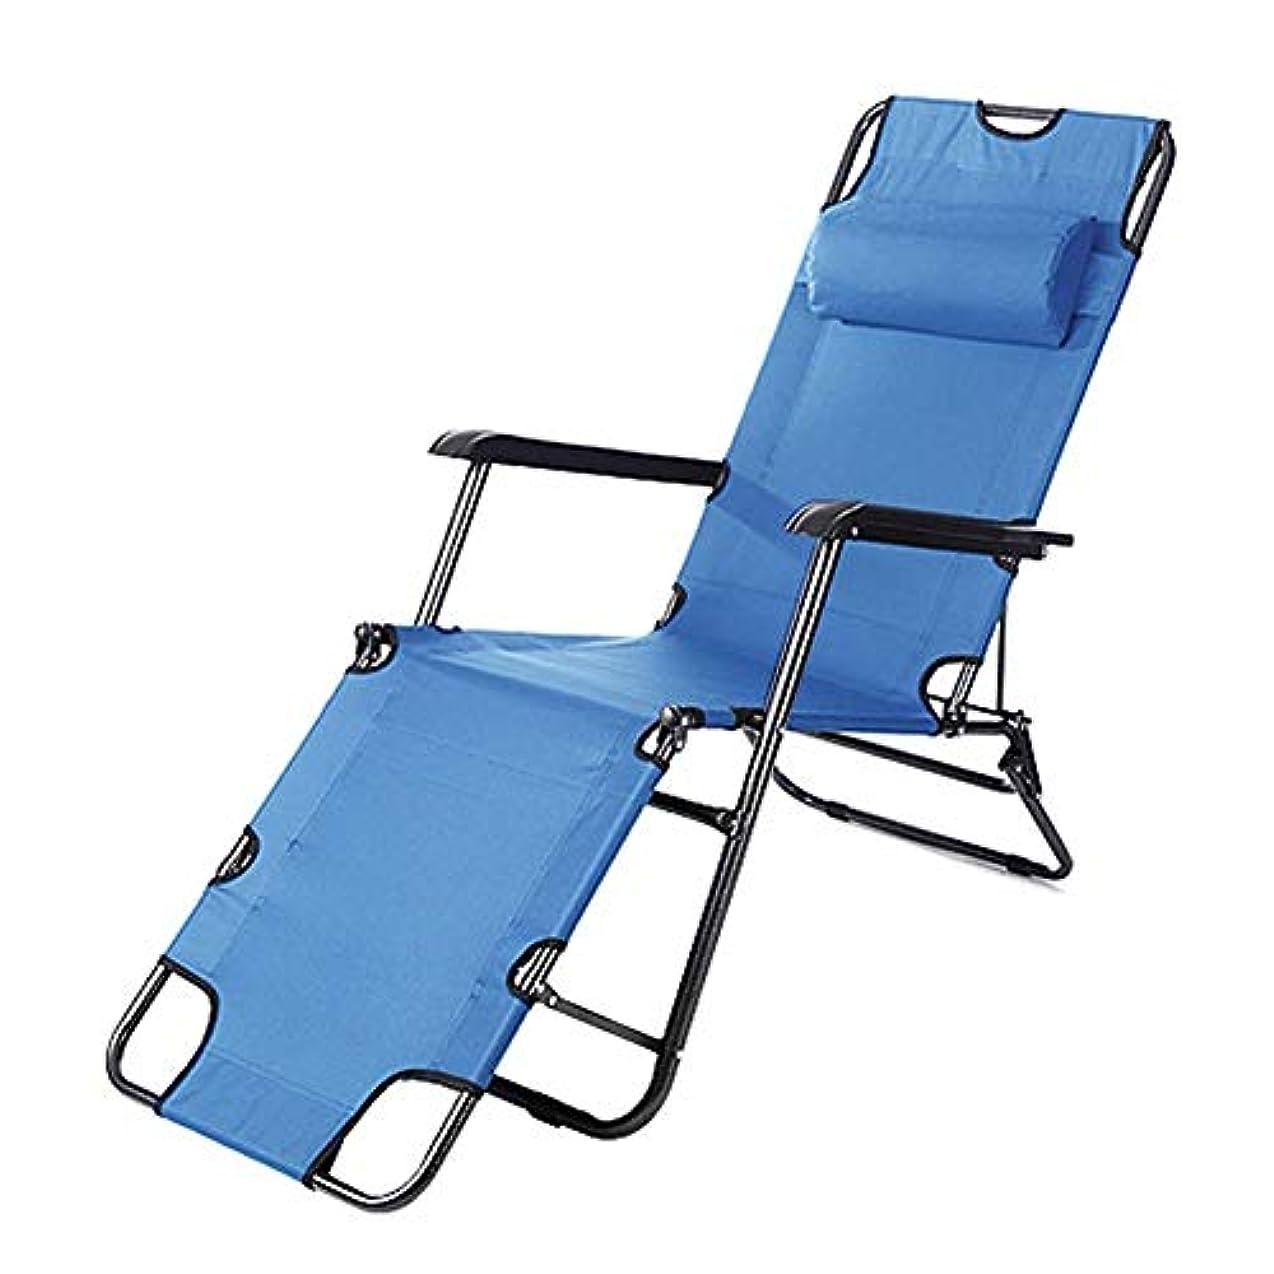 ストレッチ武装解除米国ヘッドレストが付いている青い折り畳み式のリクライニングサンラウンジャー - キャンプガーデンパティオビーチ屋内用または屋外用リクライニングチェアベッドチェア、サポート100kg